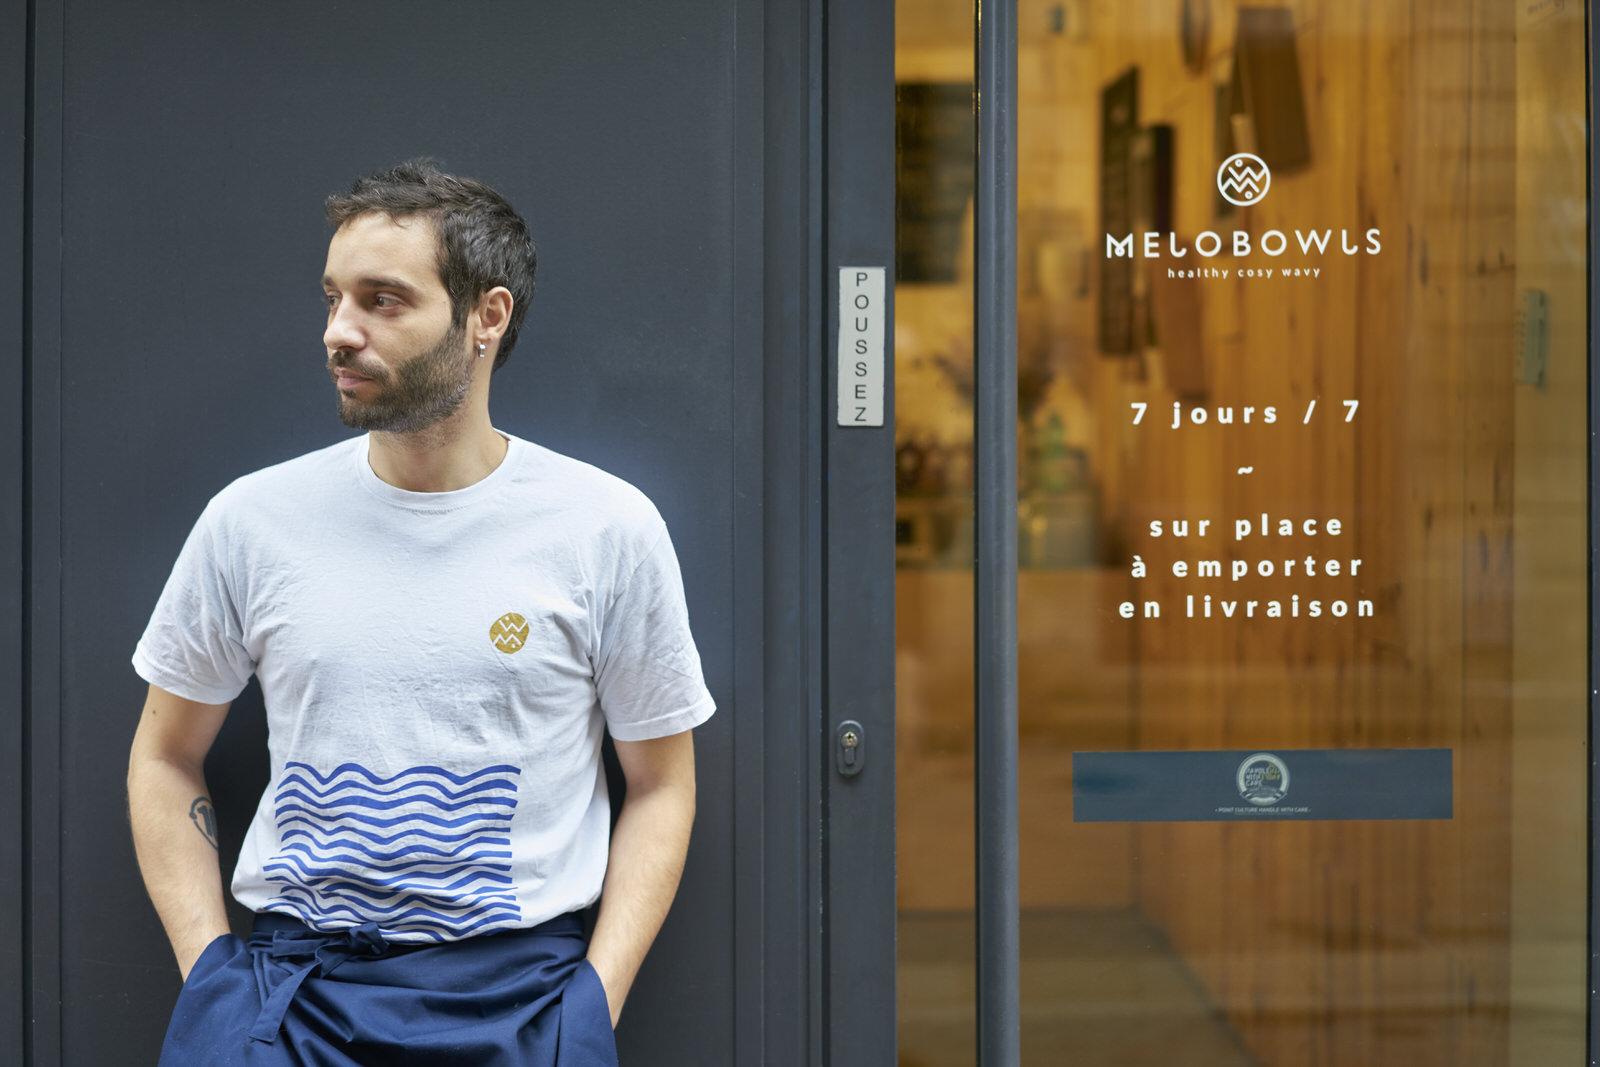 Reportage photo - reportage en entreprise - Photographe professionnel - Plat - Portrait - Restaurant - Thierry Pousset